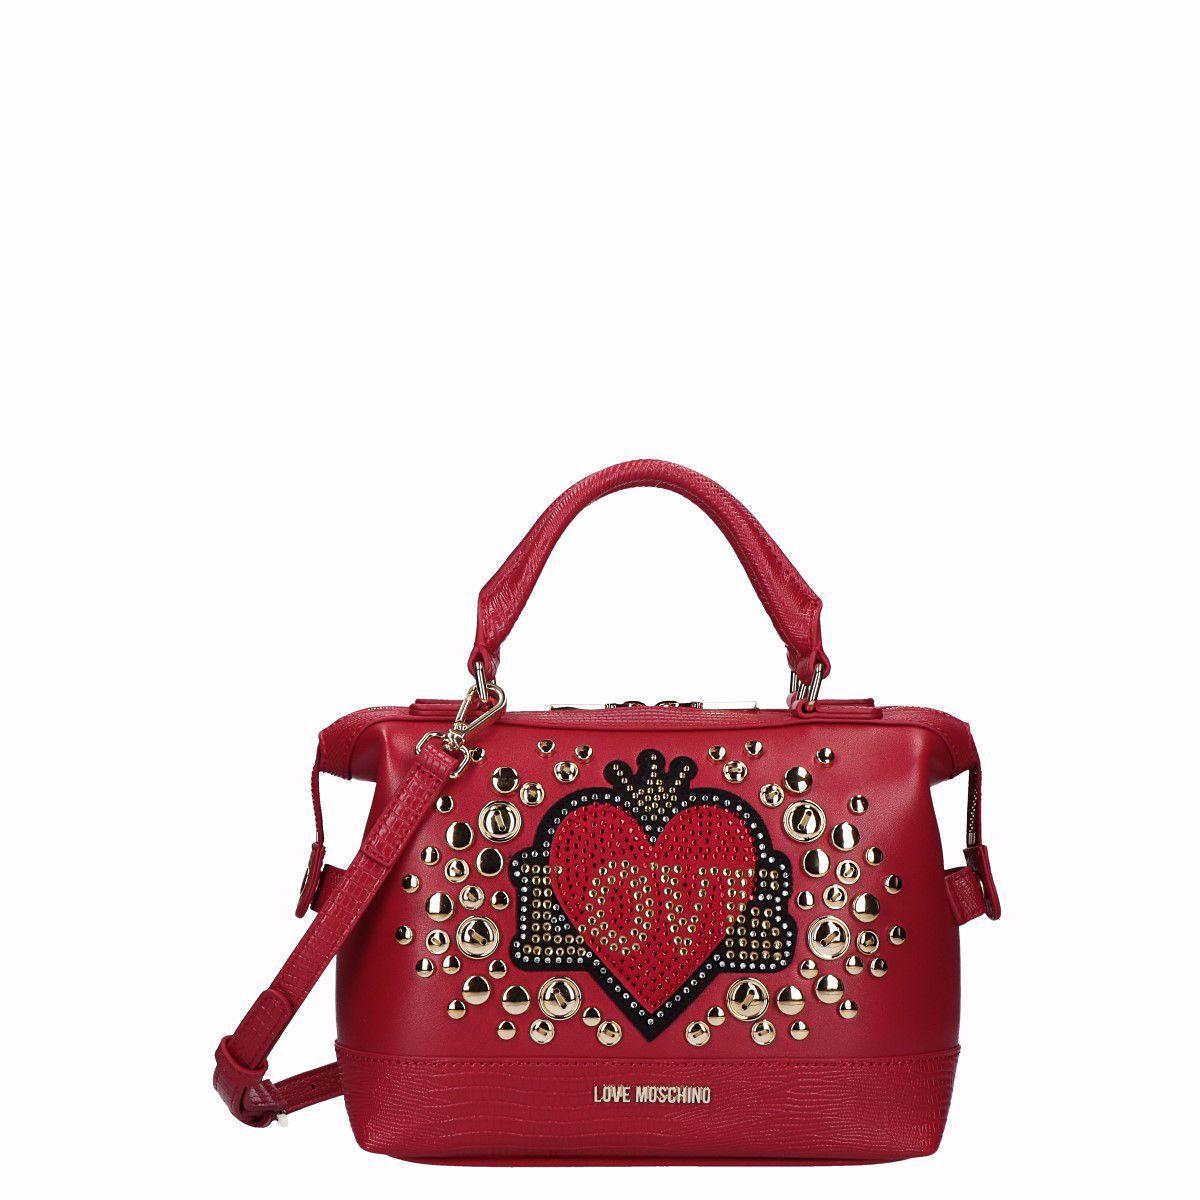 Love Moschino borse e accessori